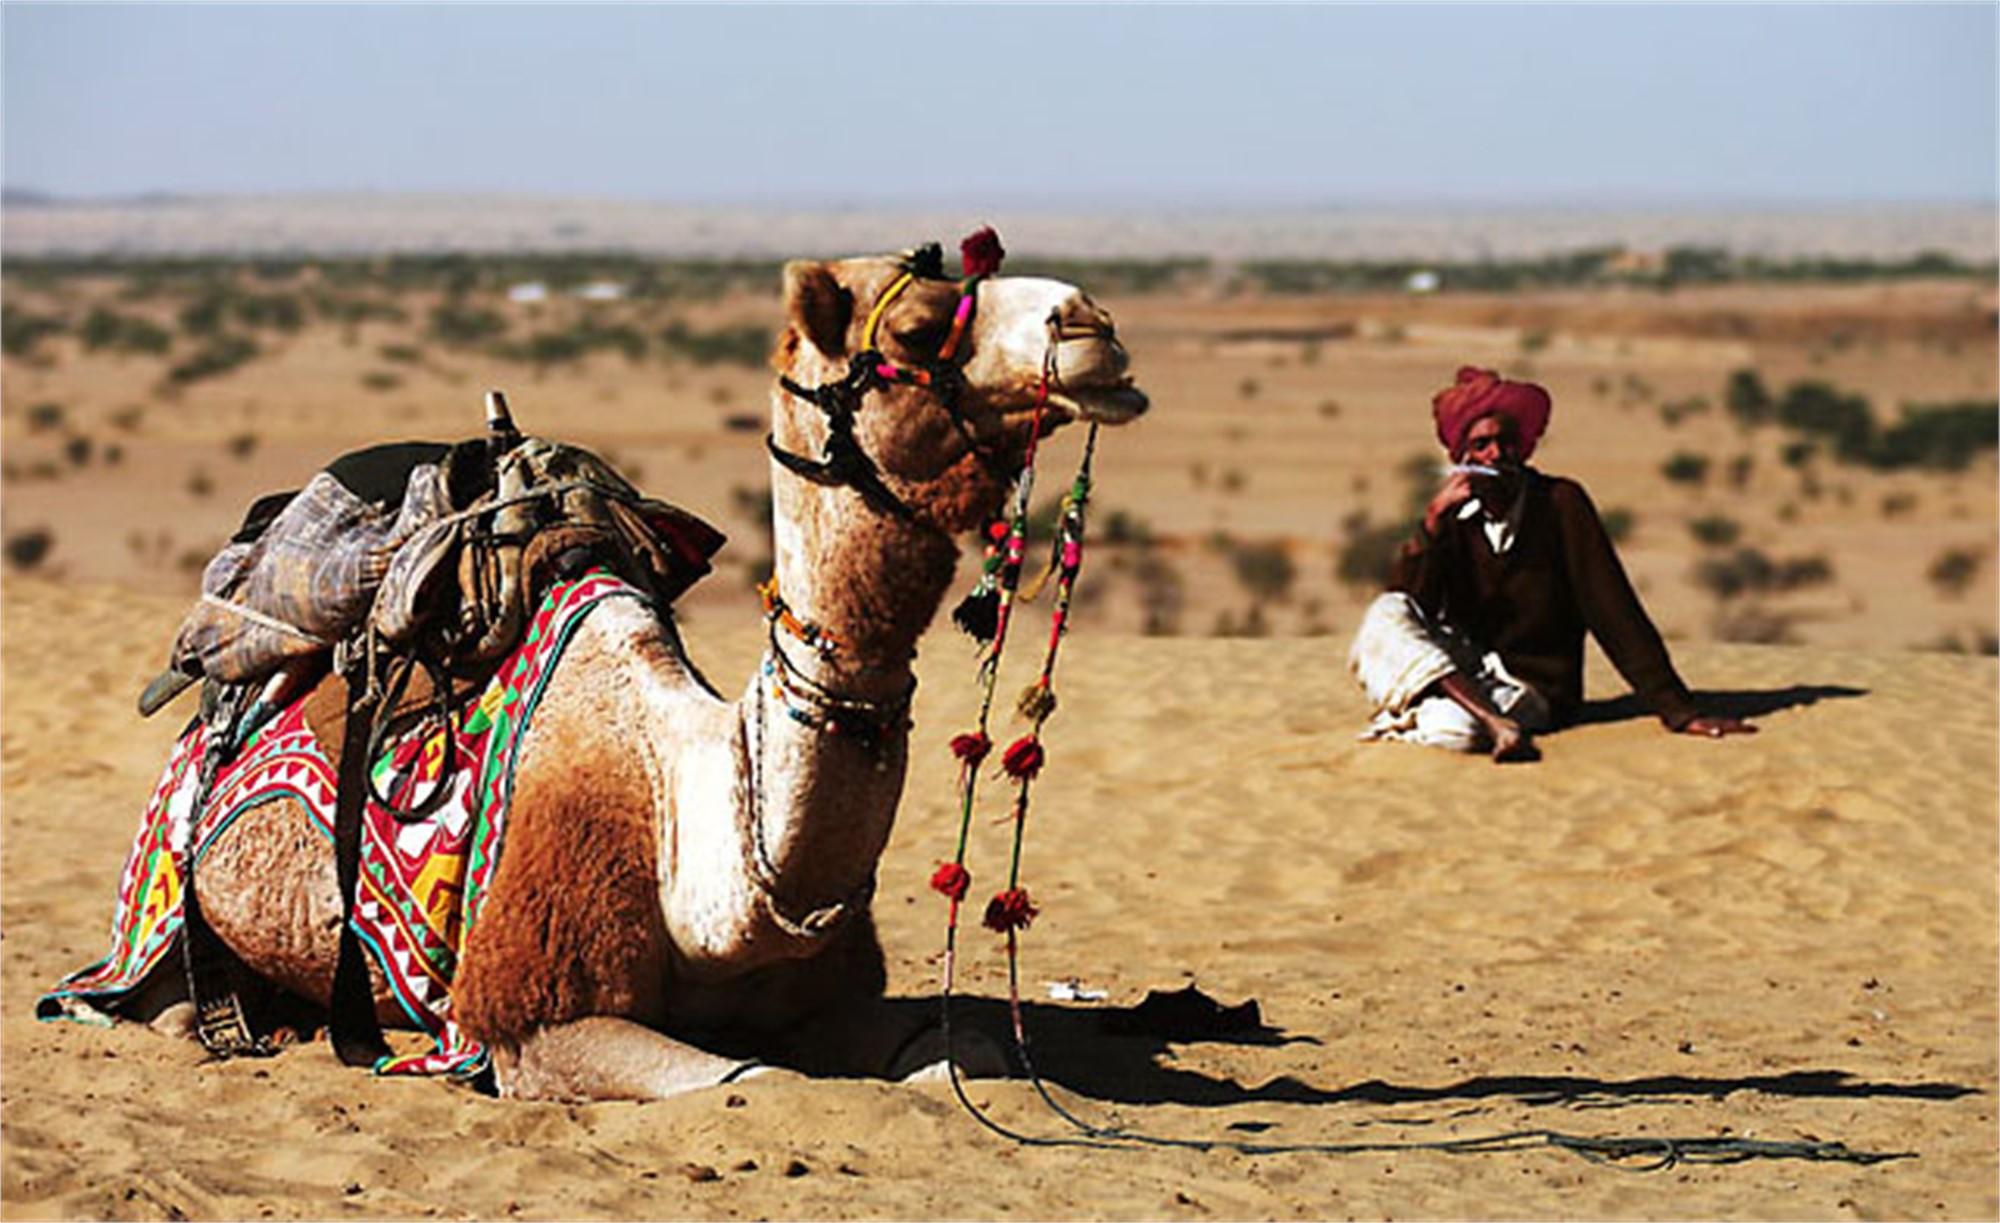 Thar Desert by Oksana Perkins